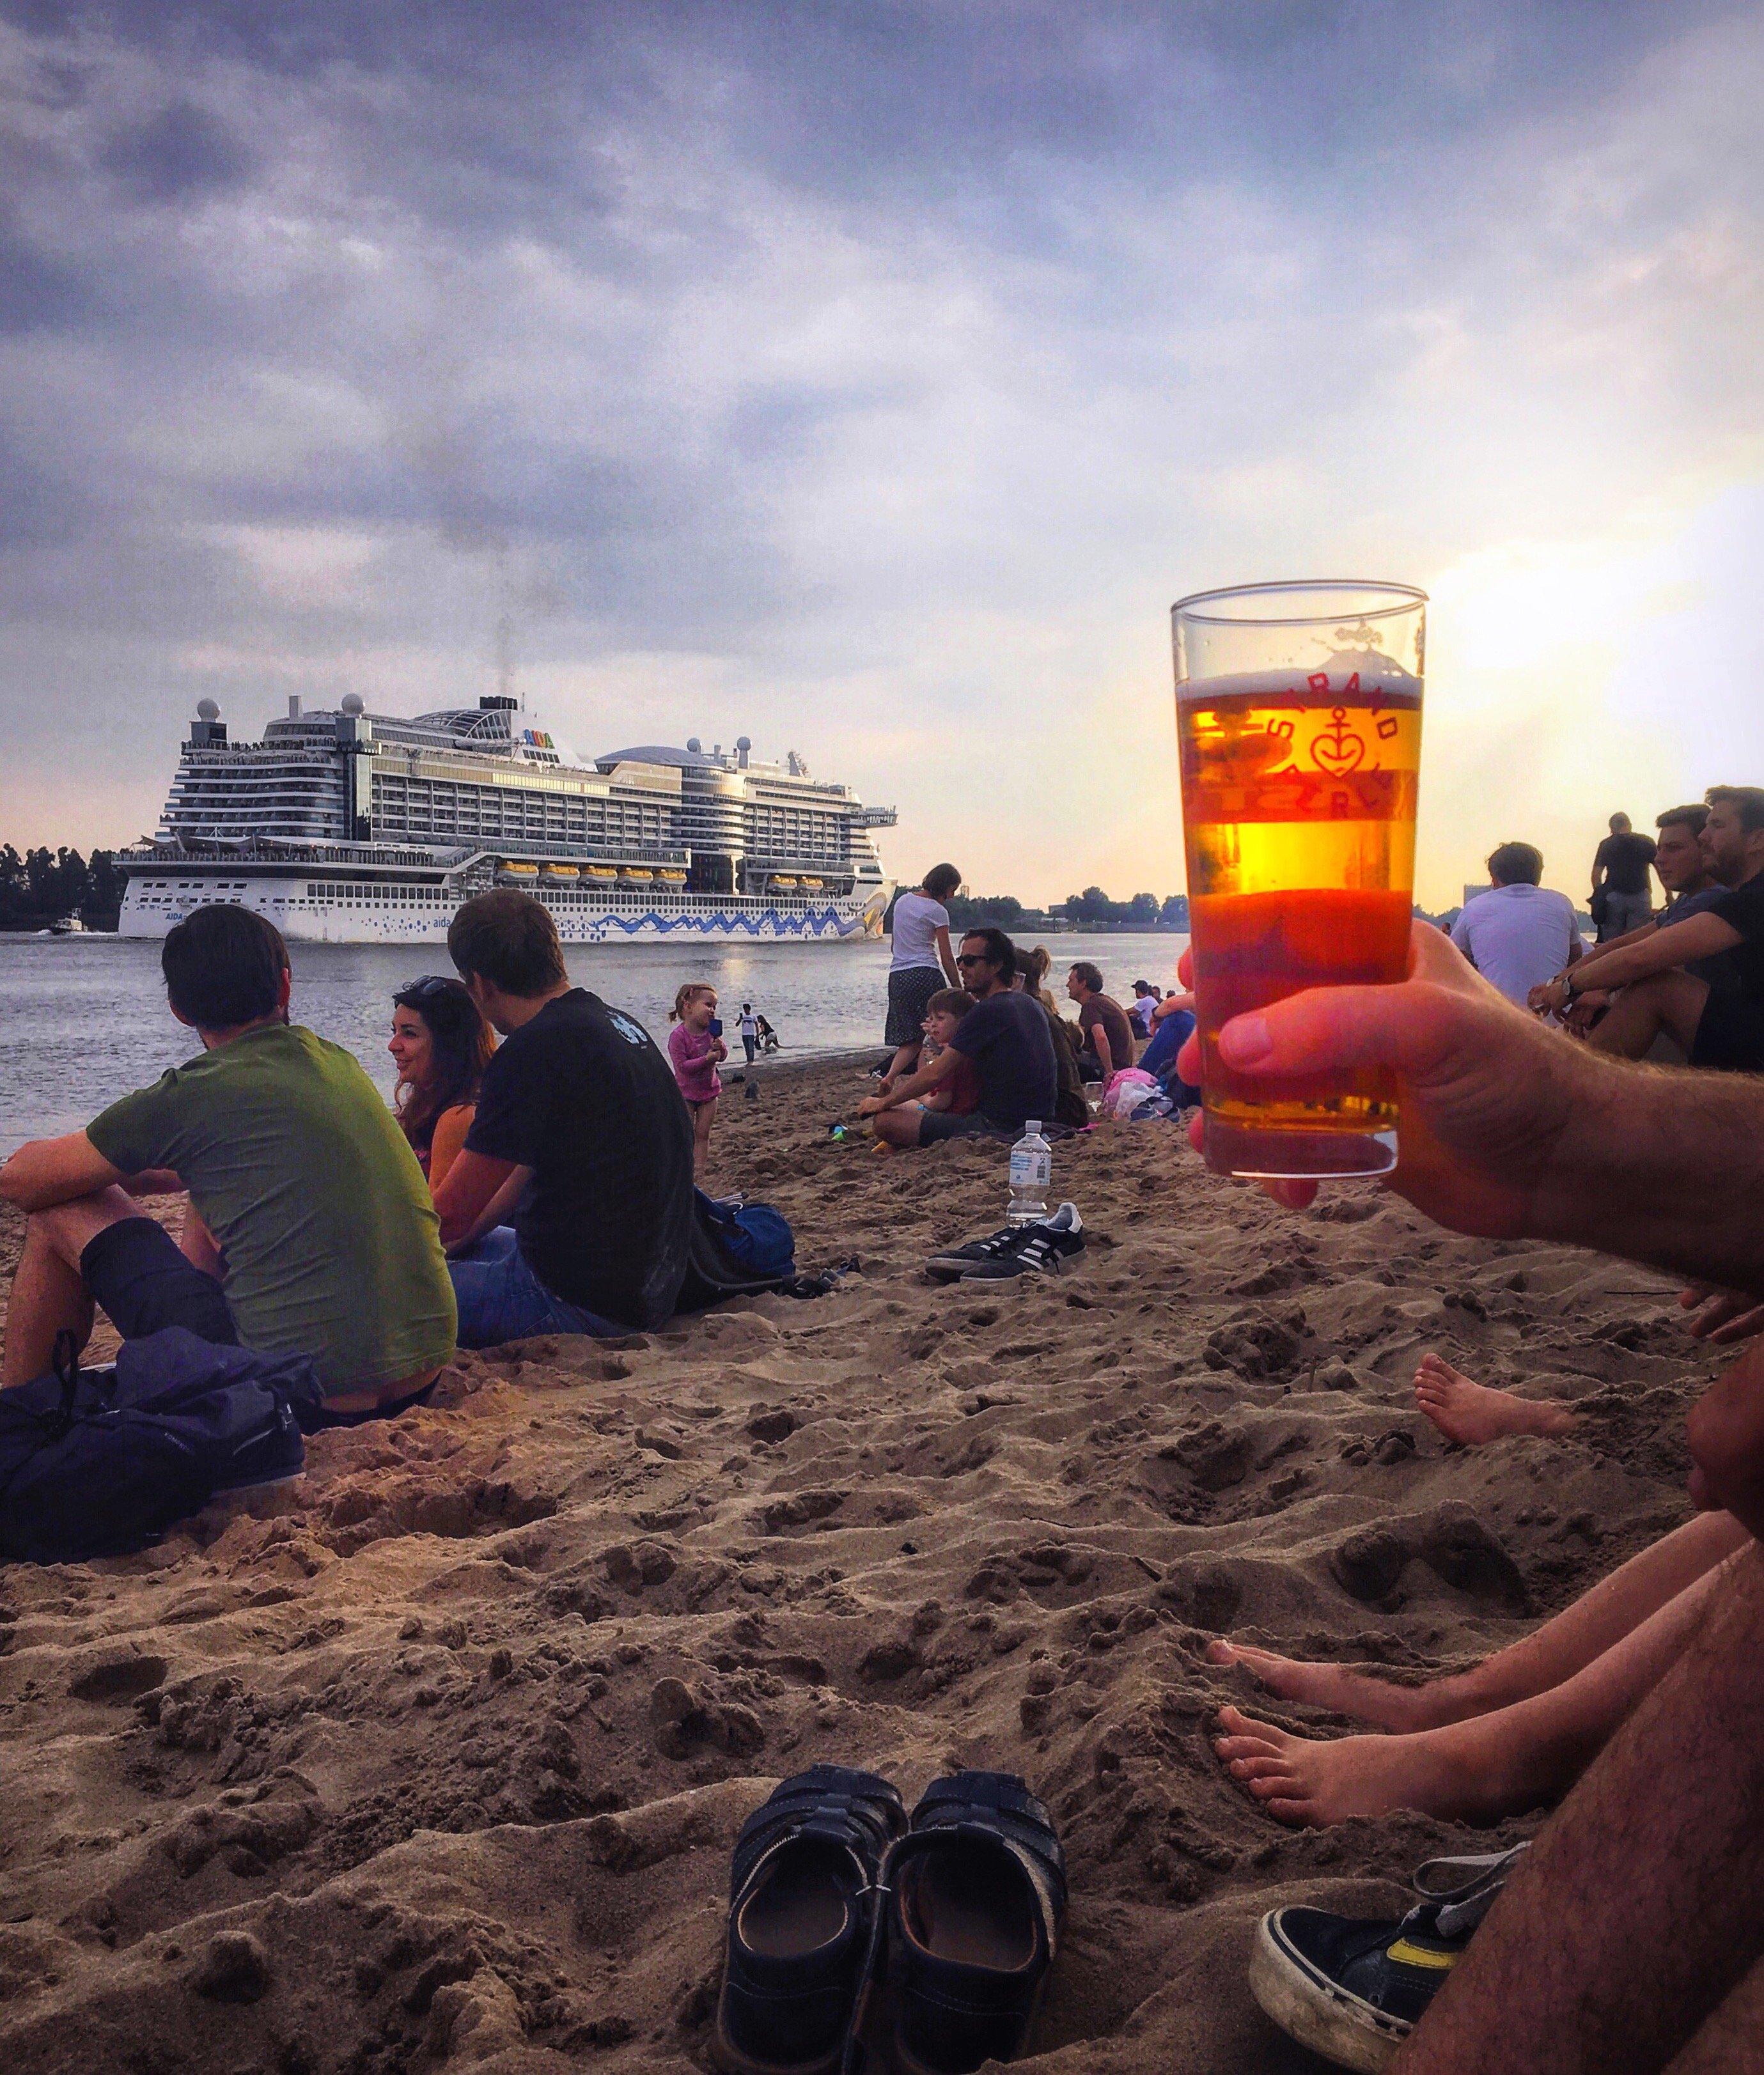 Kreuzfahrtschiffe gucken am Elbstrand: Staycation, Urlaub in Hamburg, Elbville